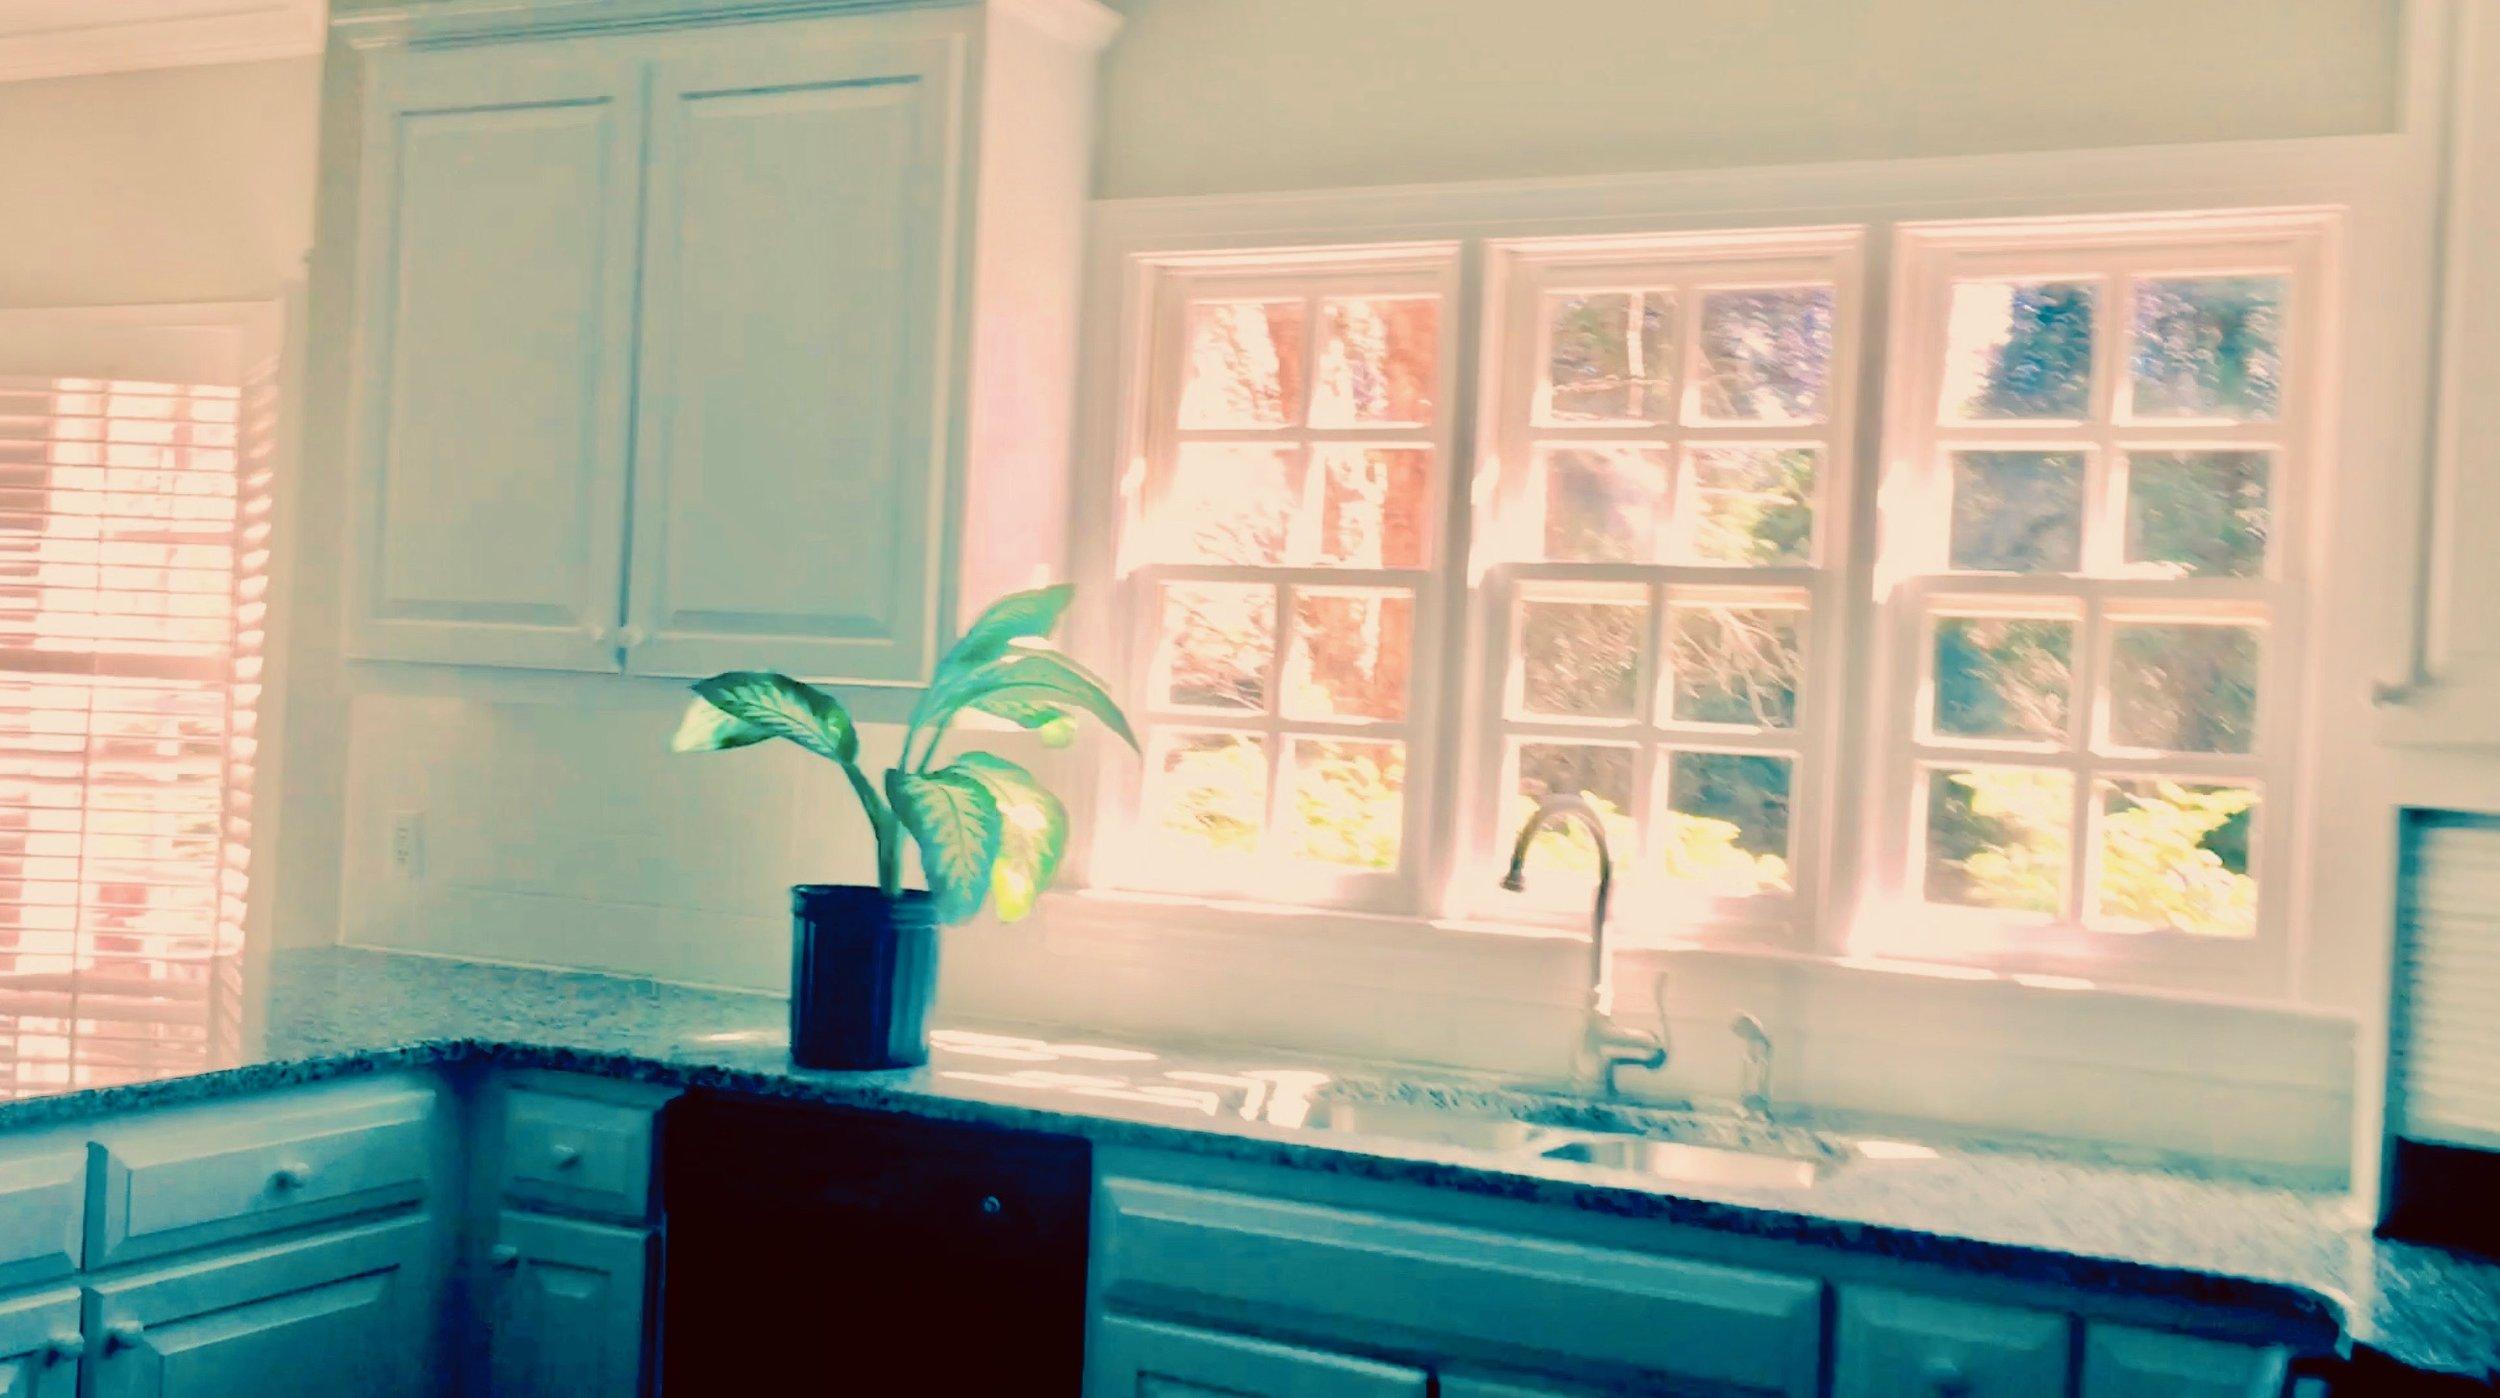 kitchen and plant.jpeg